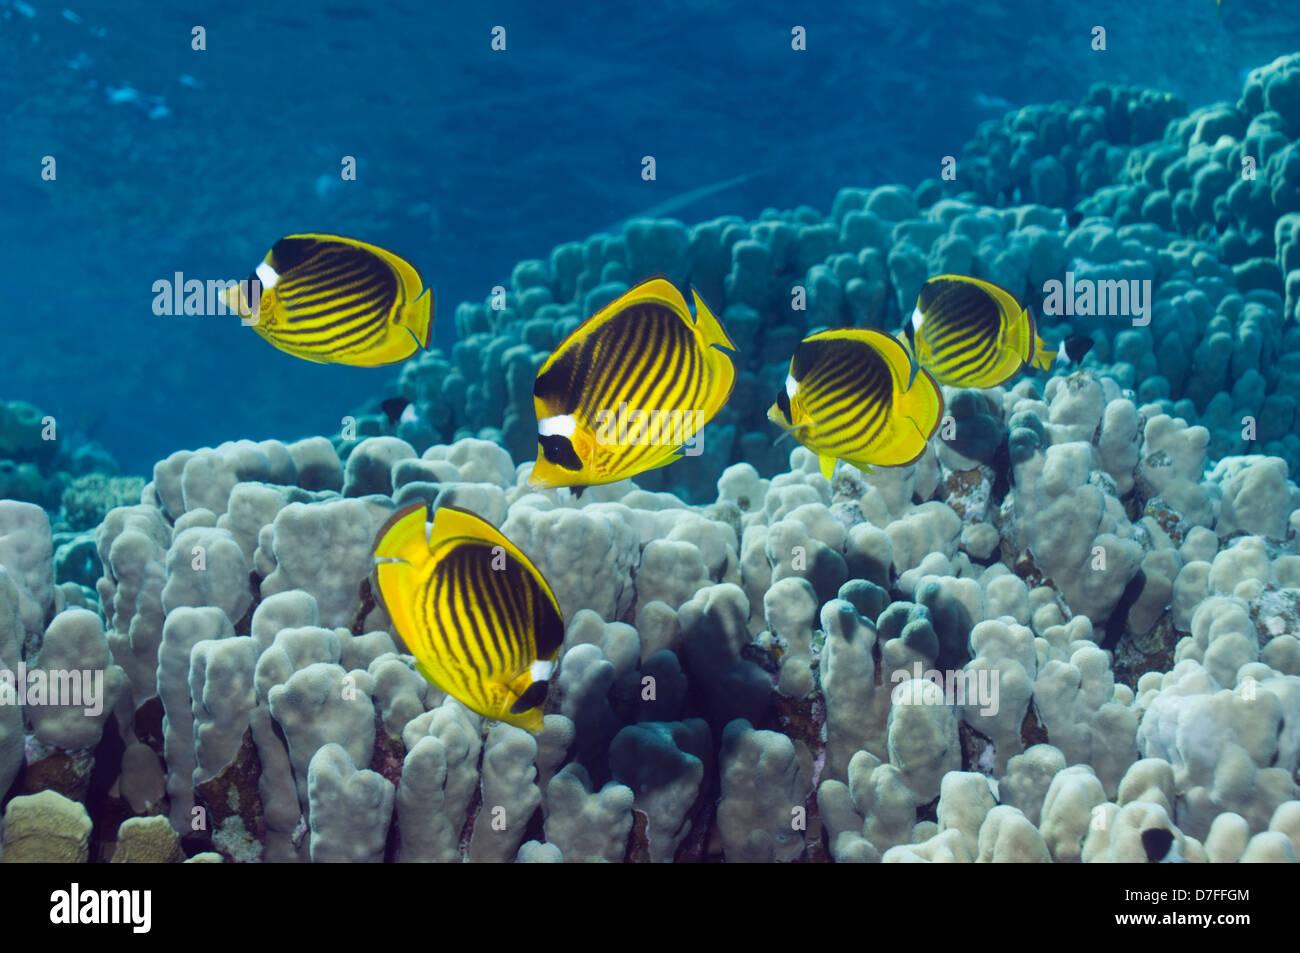 Mar Rojo raccoon butterflyfish (Chaetodon fasciatus) sobre los arrecifes de coral. Egipto, el Mar Rojo. Imagen De Stock